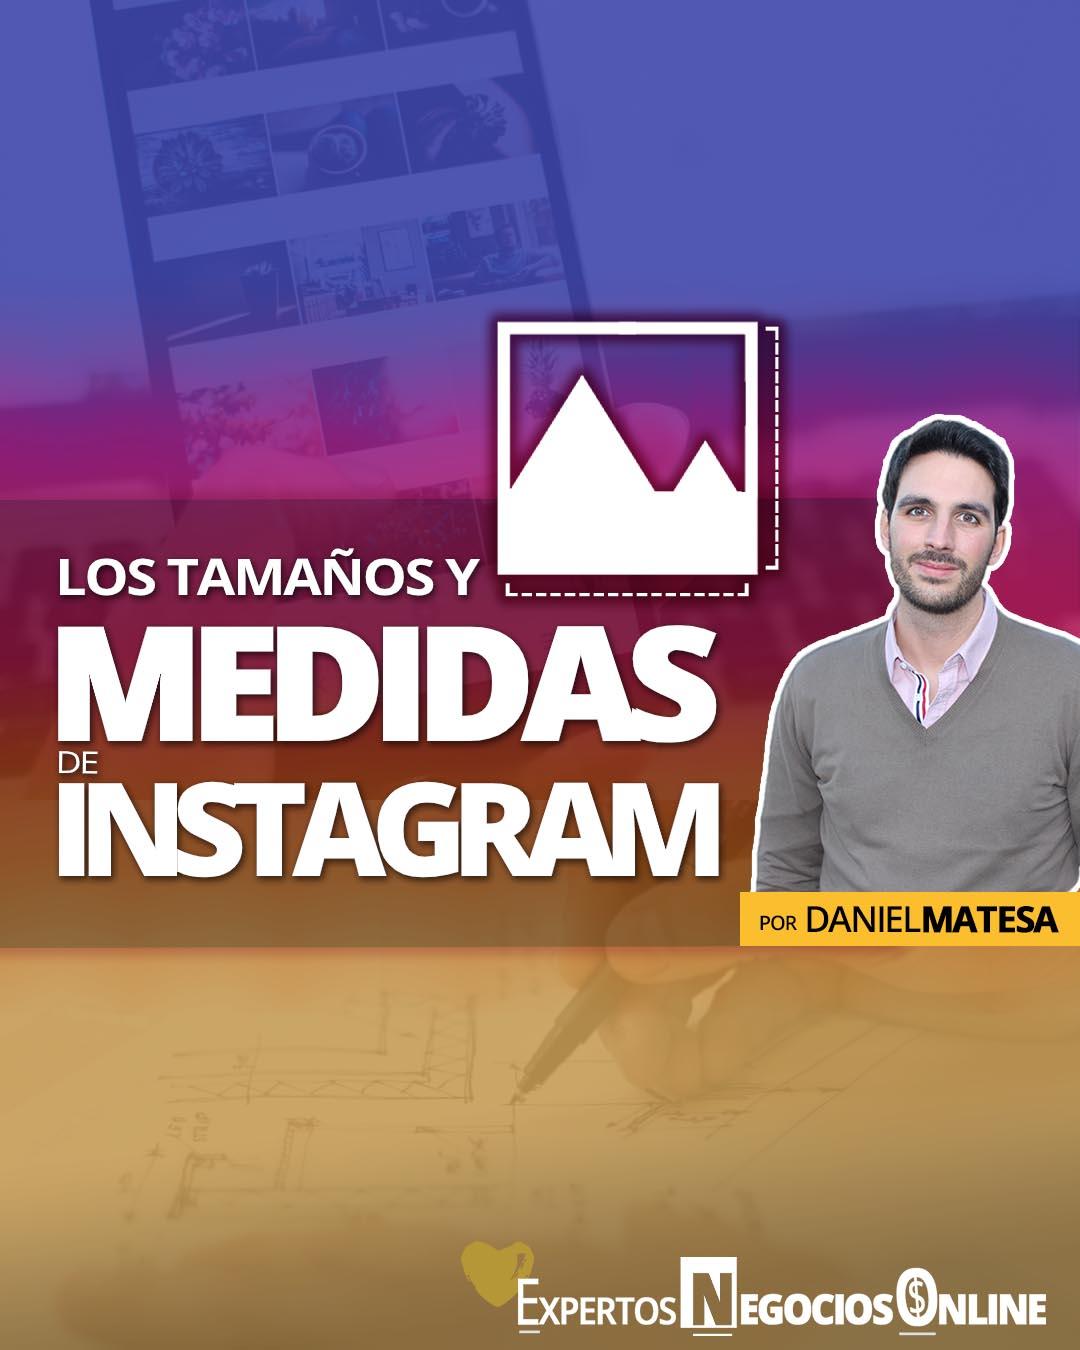 Tamaños historias Instagram | medidas publicacion Instagram